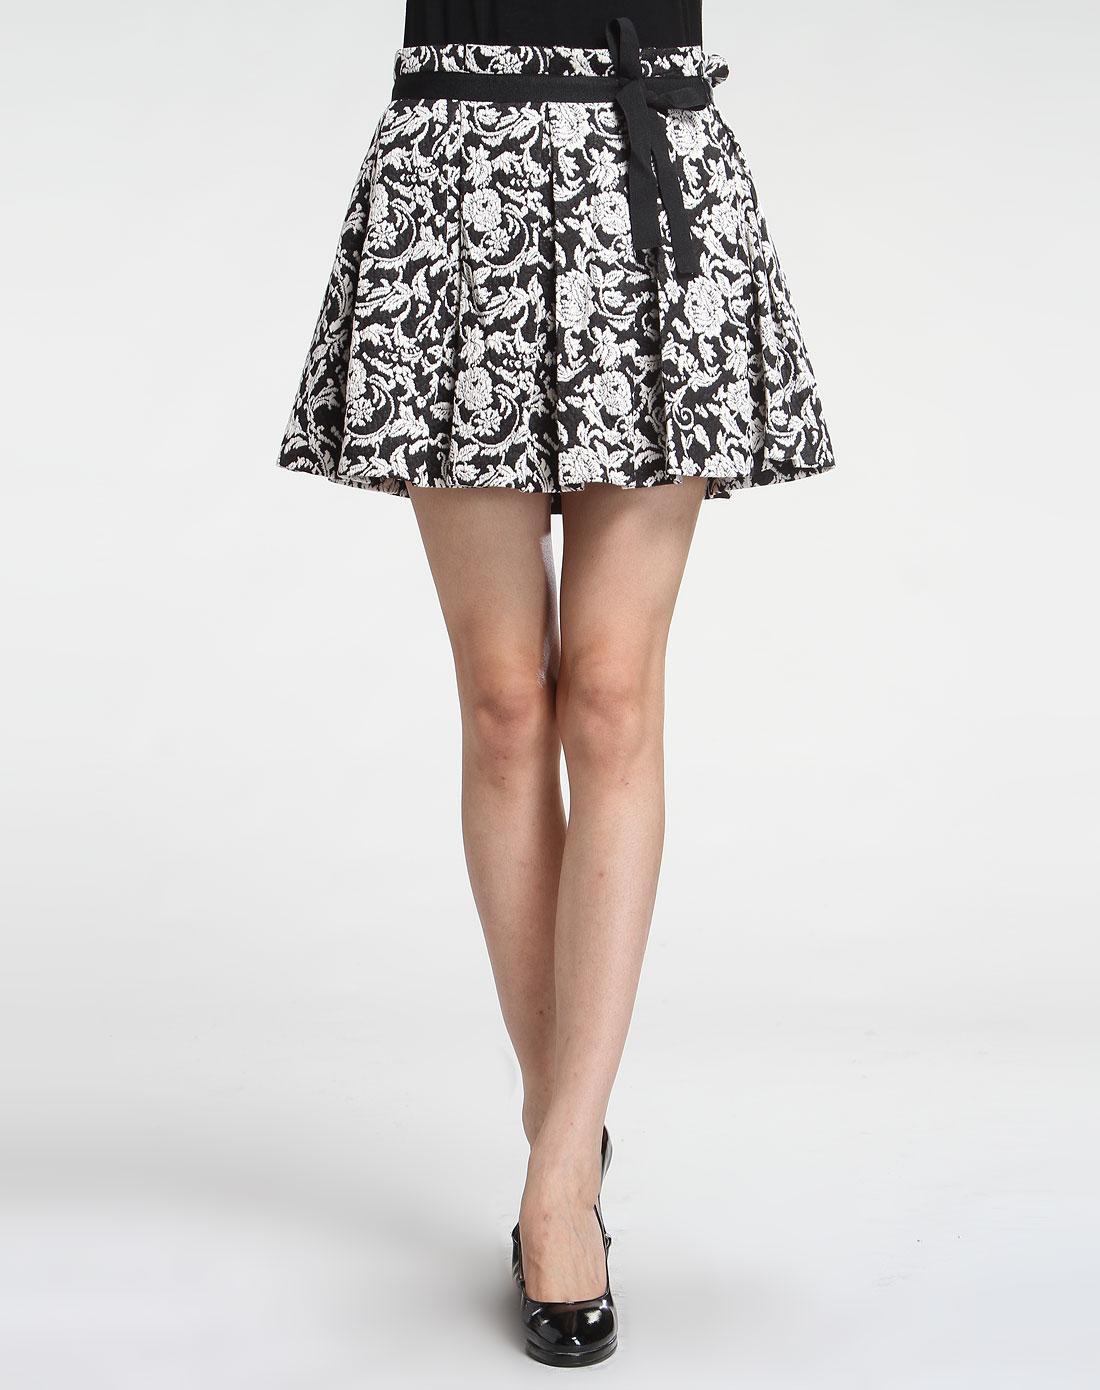 wind黑白色时尚印花短裙4914qh849mg2